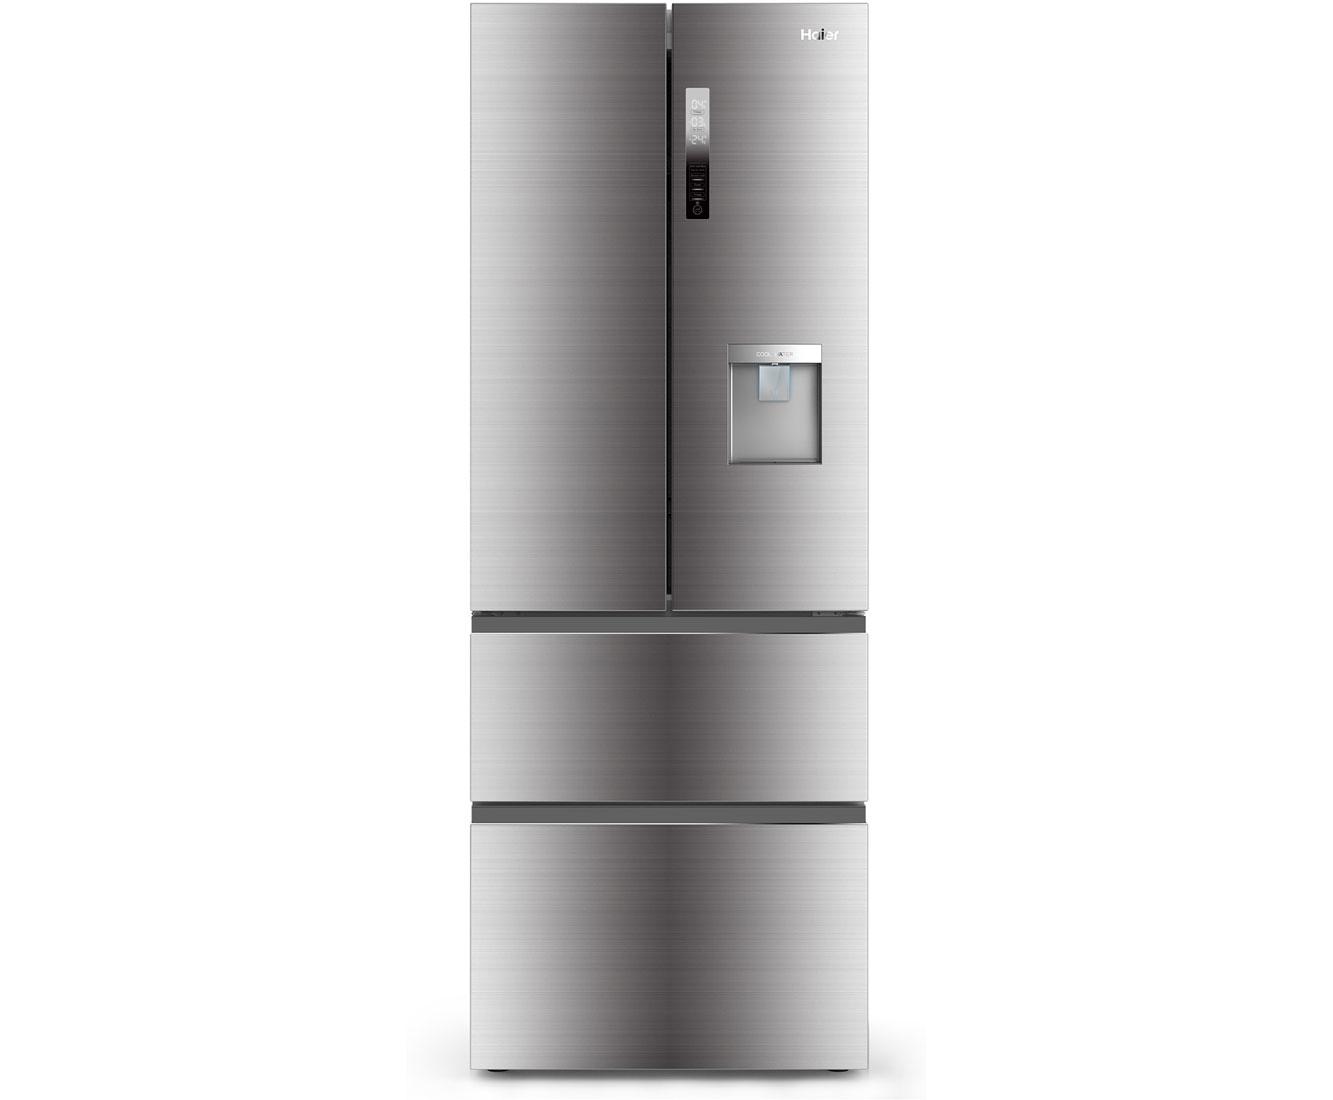 Lg Amerikanischer Kühlschrank Preis : Side by side kühlschrank kaufen kühlschrank samsung side by side